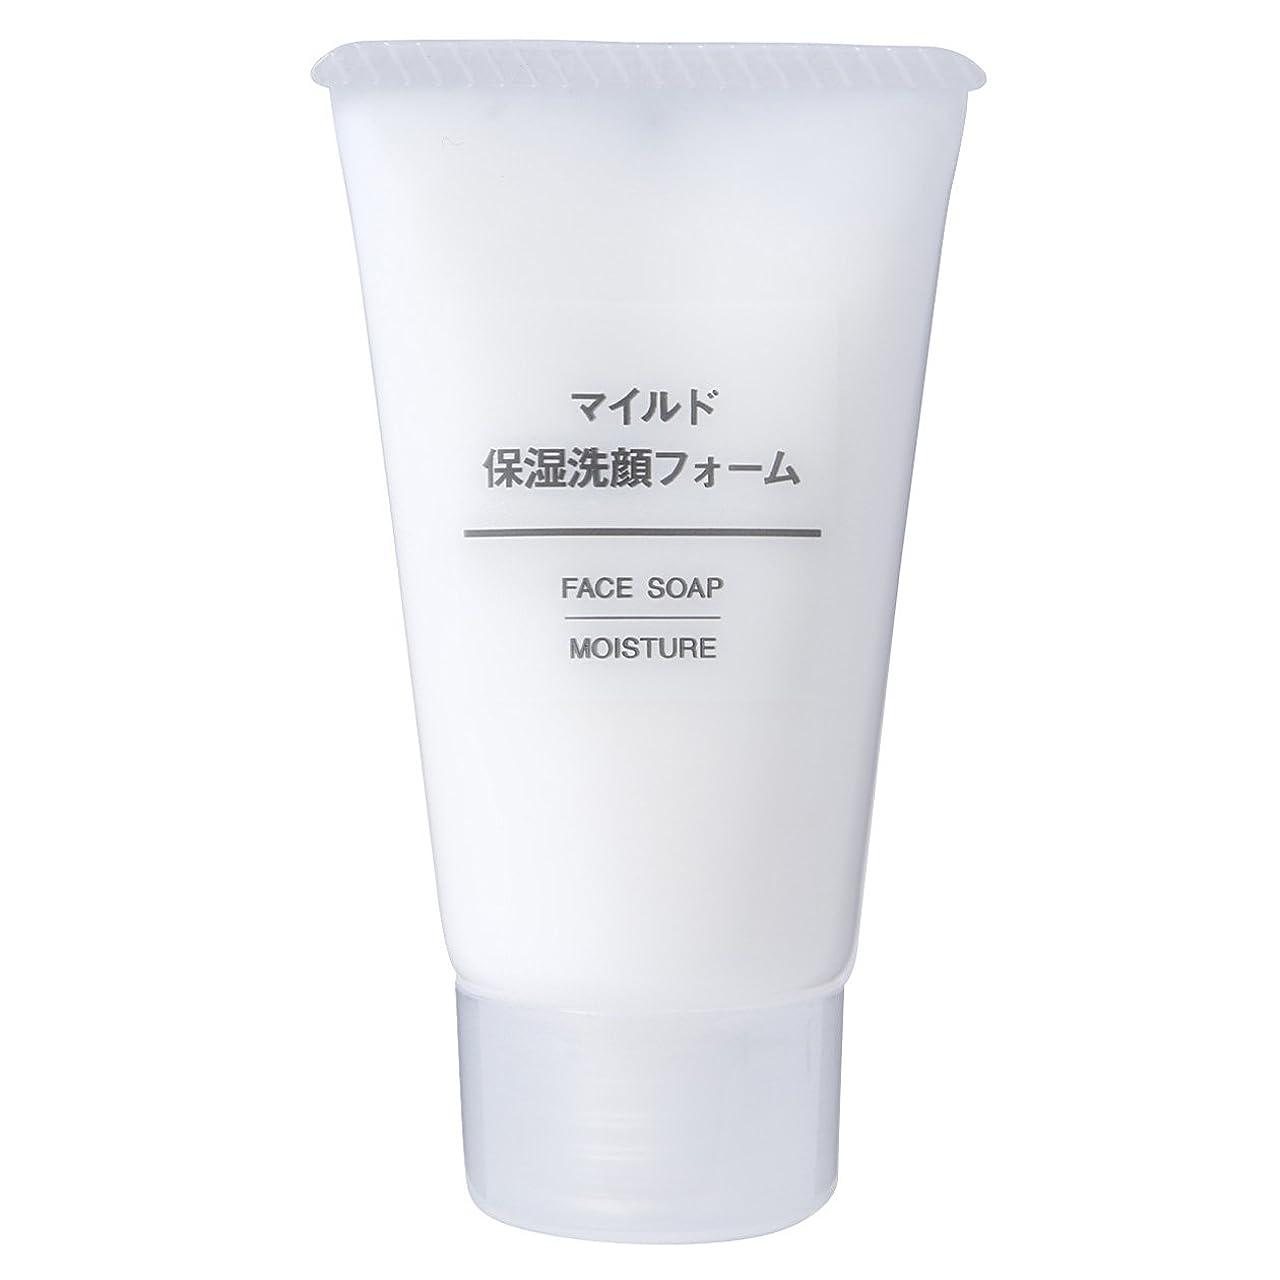 要旨アラートラップマイルド保湿洗顔フォーム(携帯用) 30g 無印良品